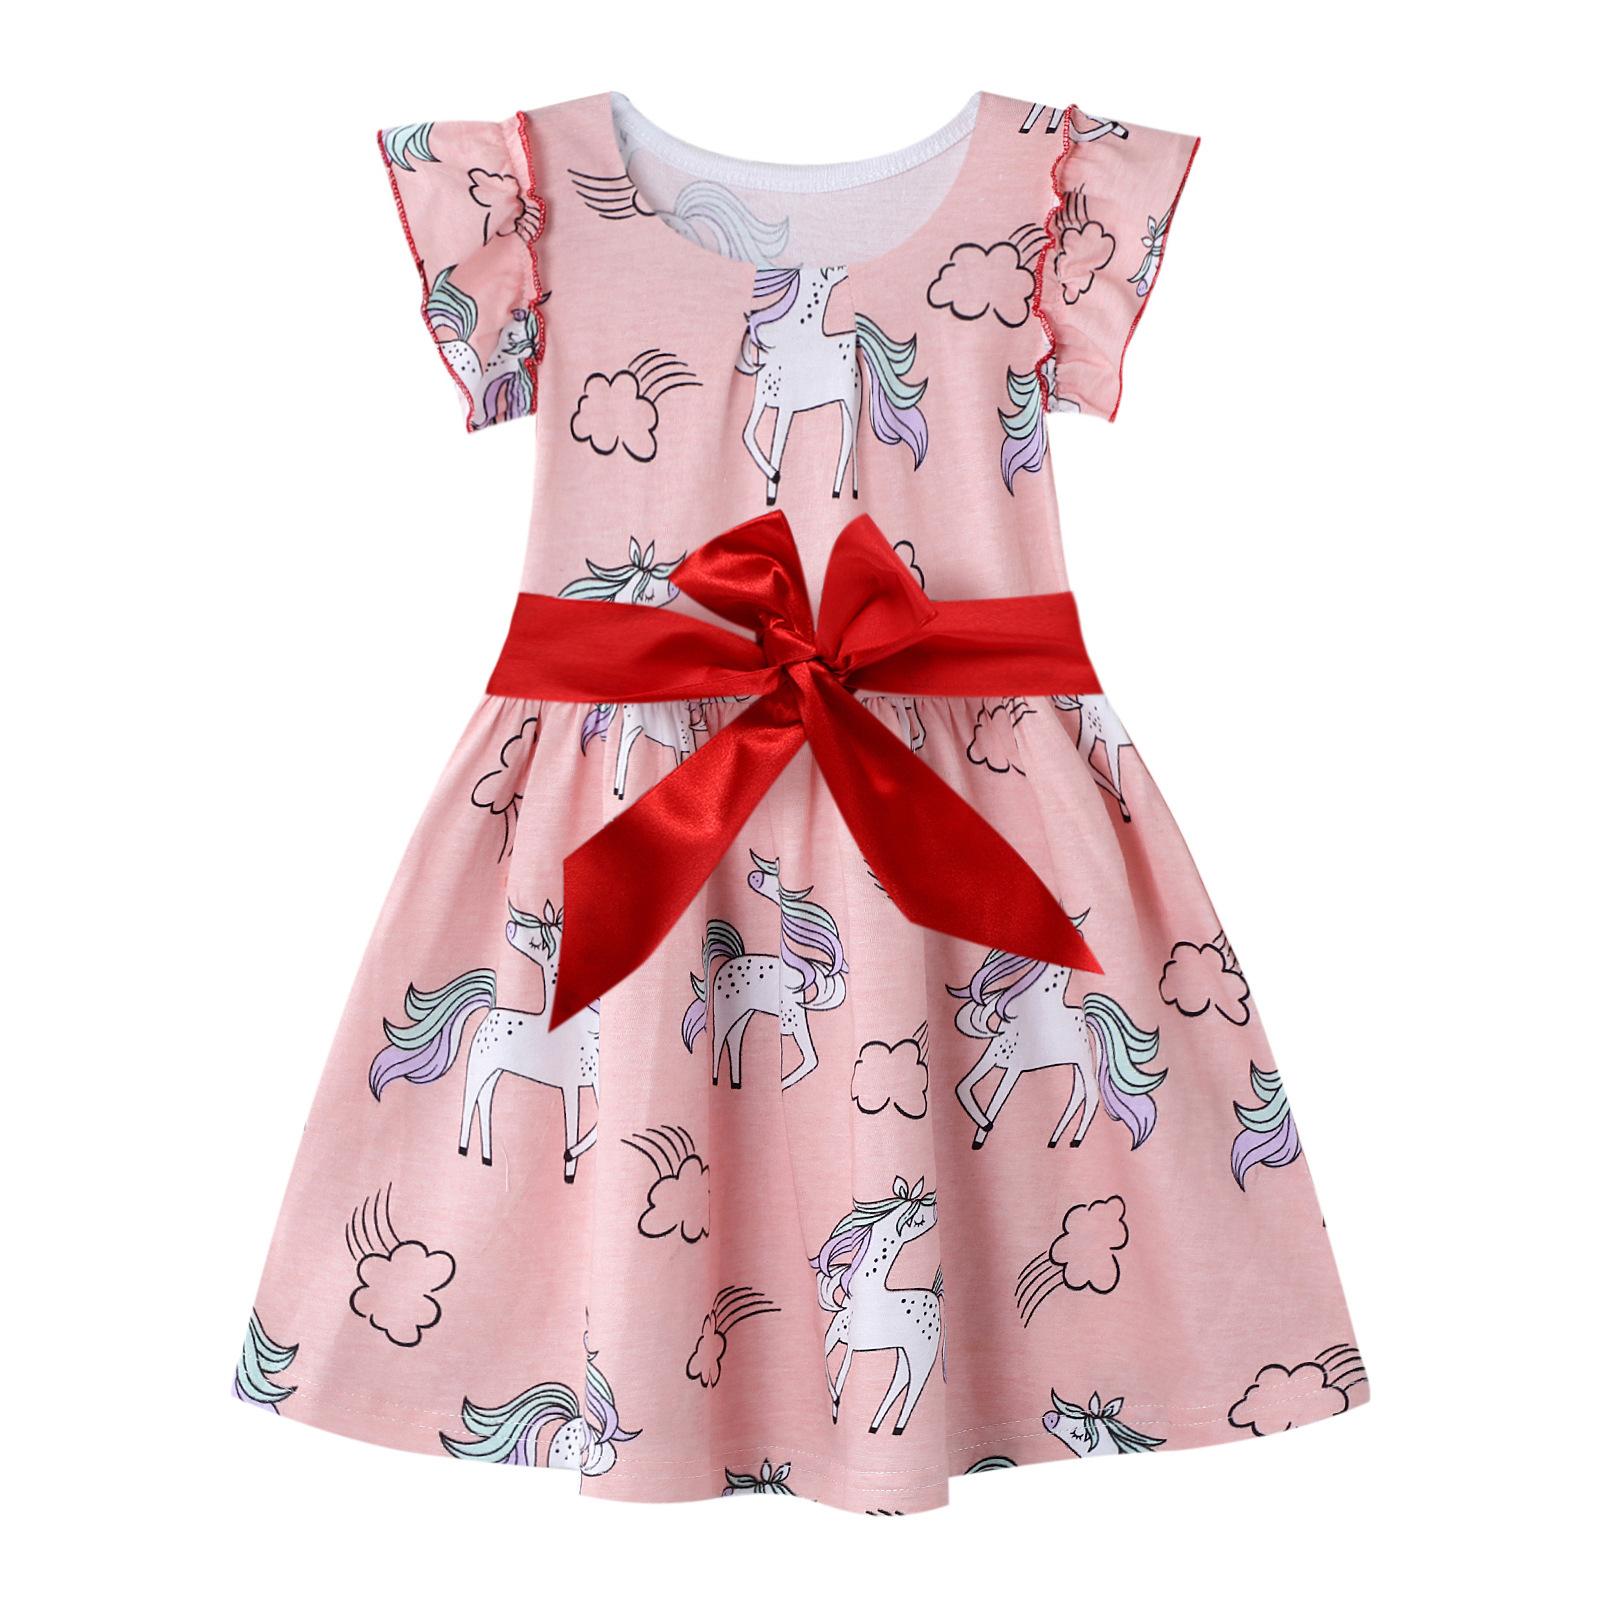 Gold treasure Âu Mỹ Quần áo trẻ em phong cách châu Âu và mùa hè Quần áo trẻ em mới váy cotton công c